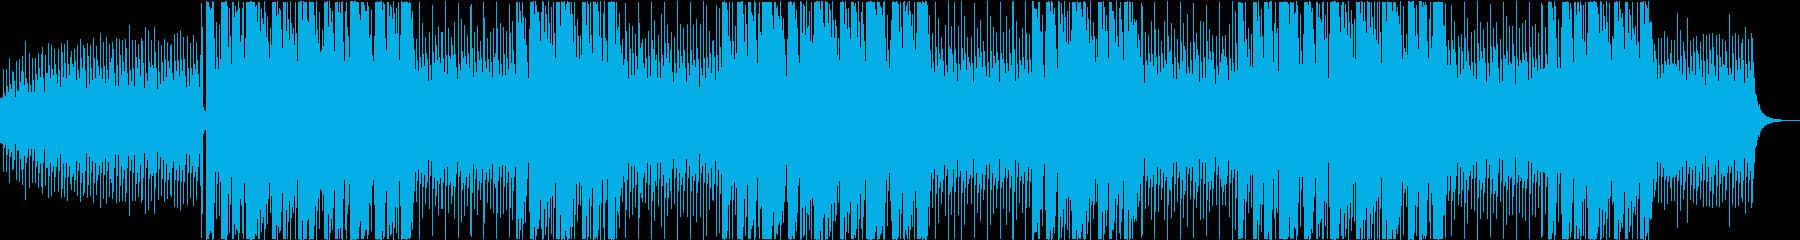 ギャングスタ系トラップビートの再生済みの波形